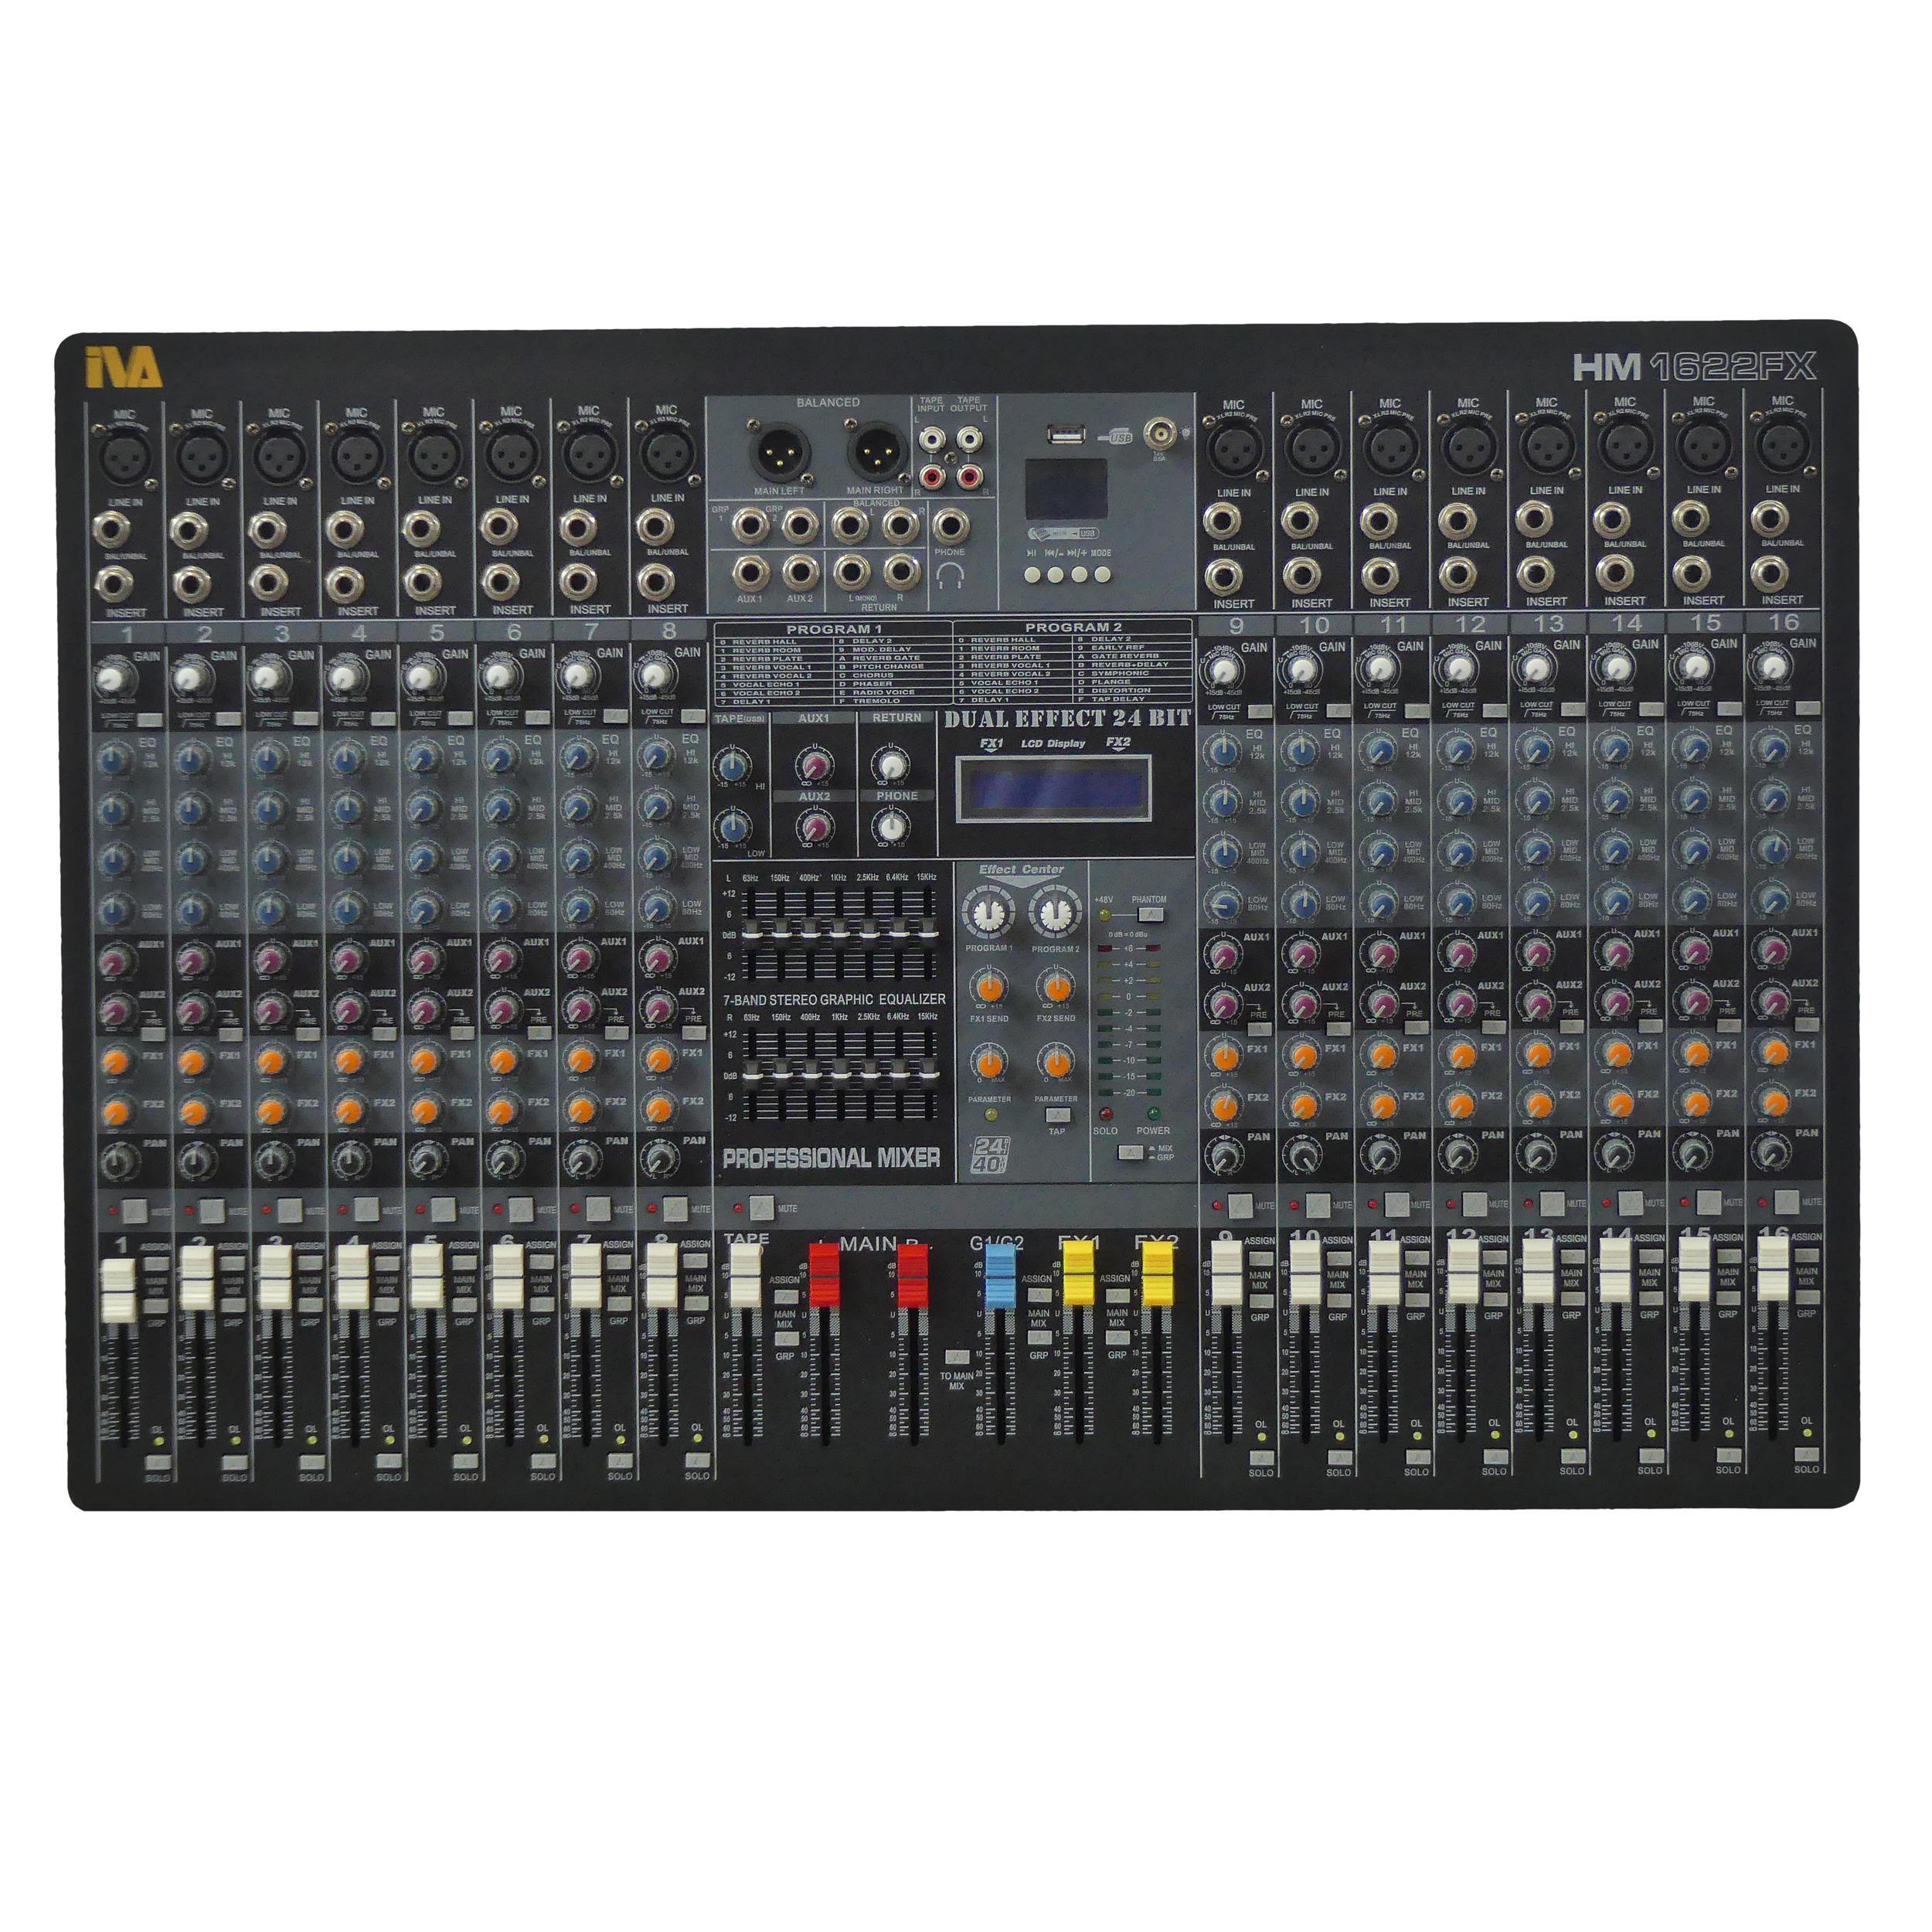 HM-1622FX Professional Mixer